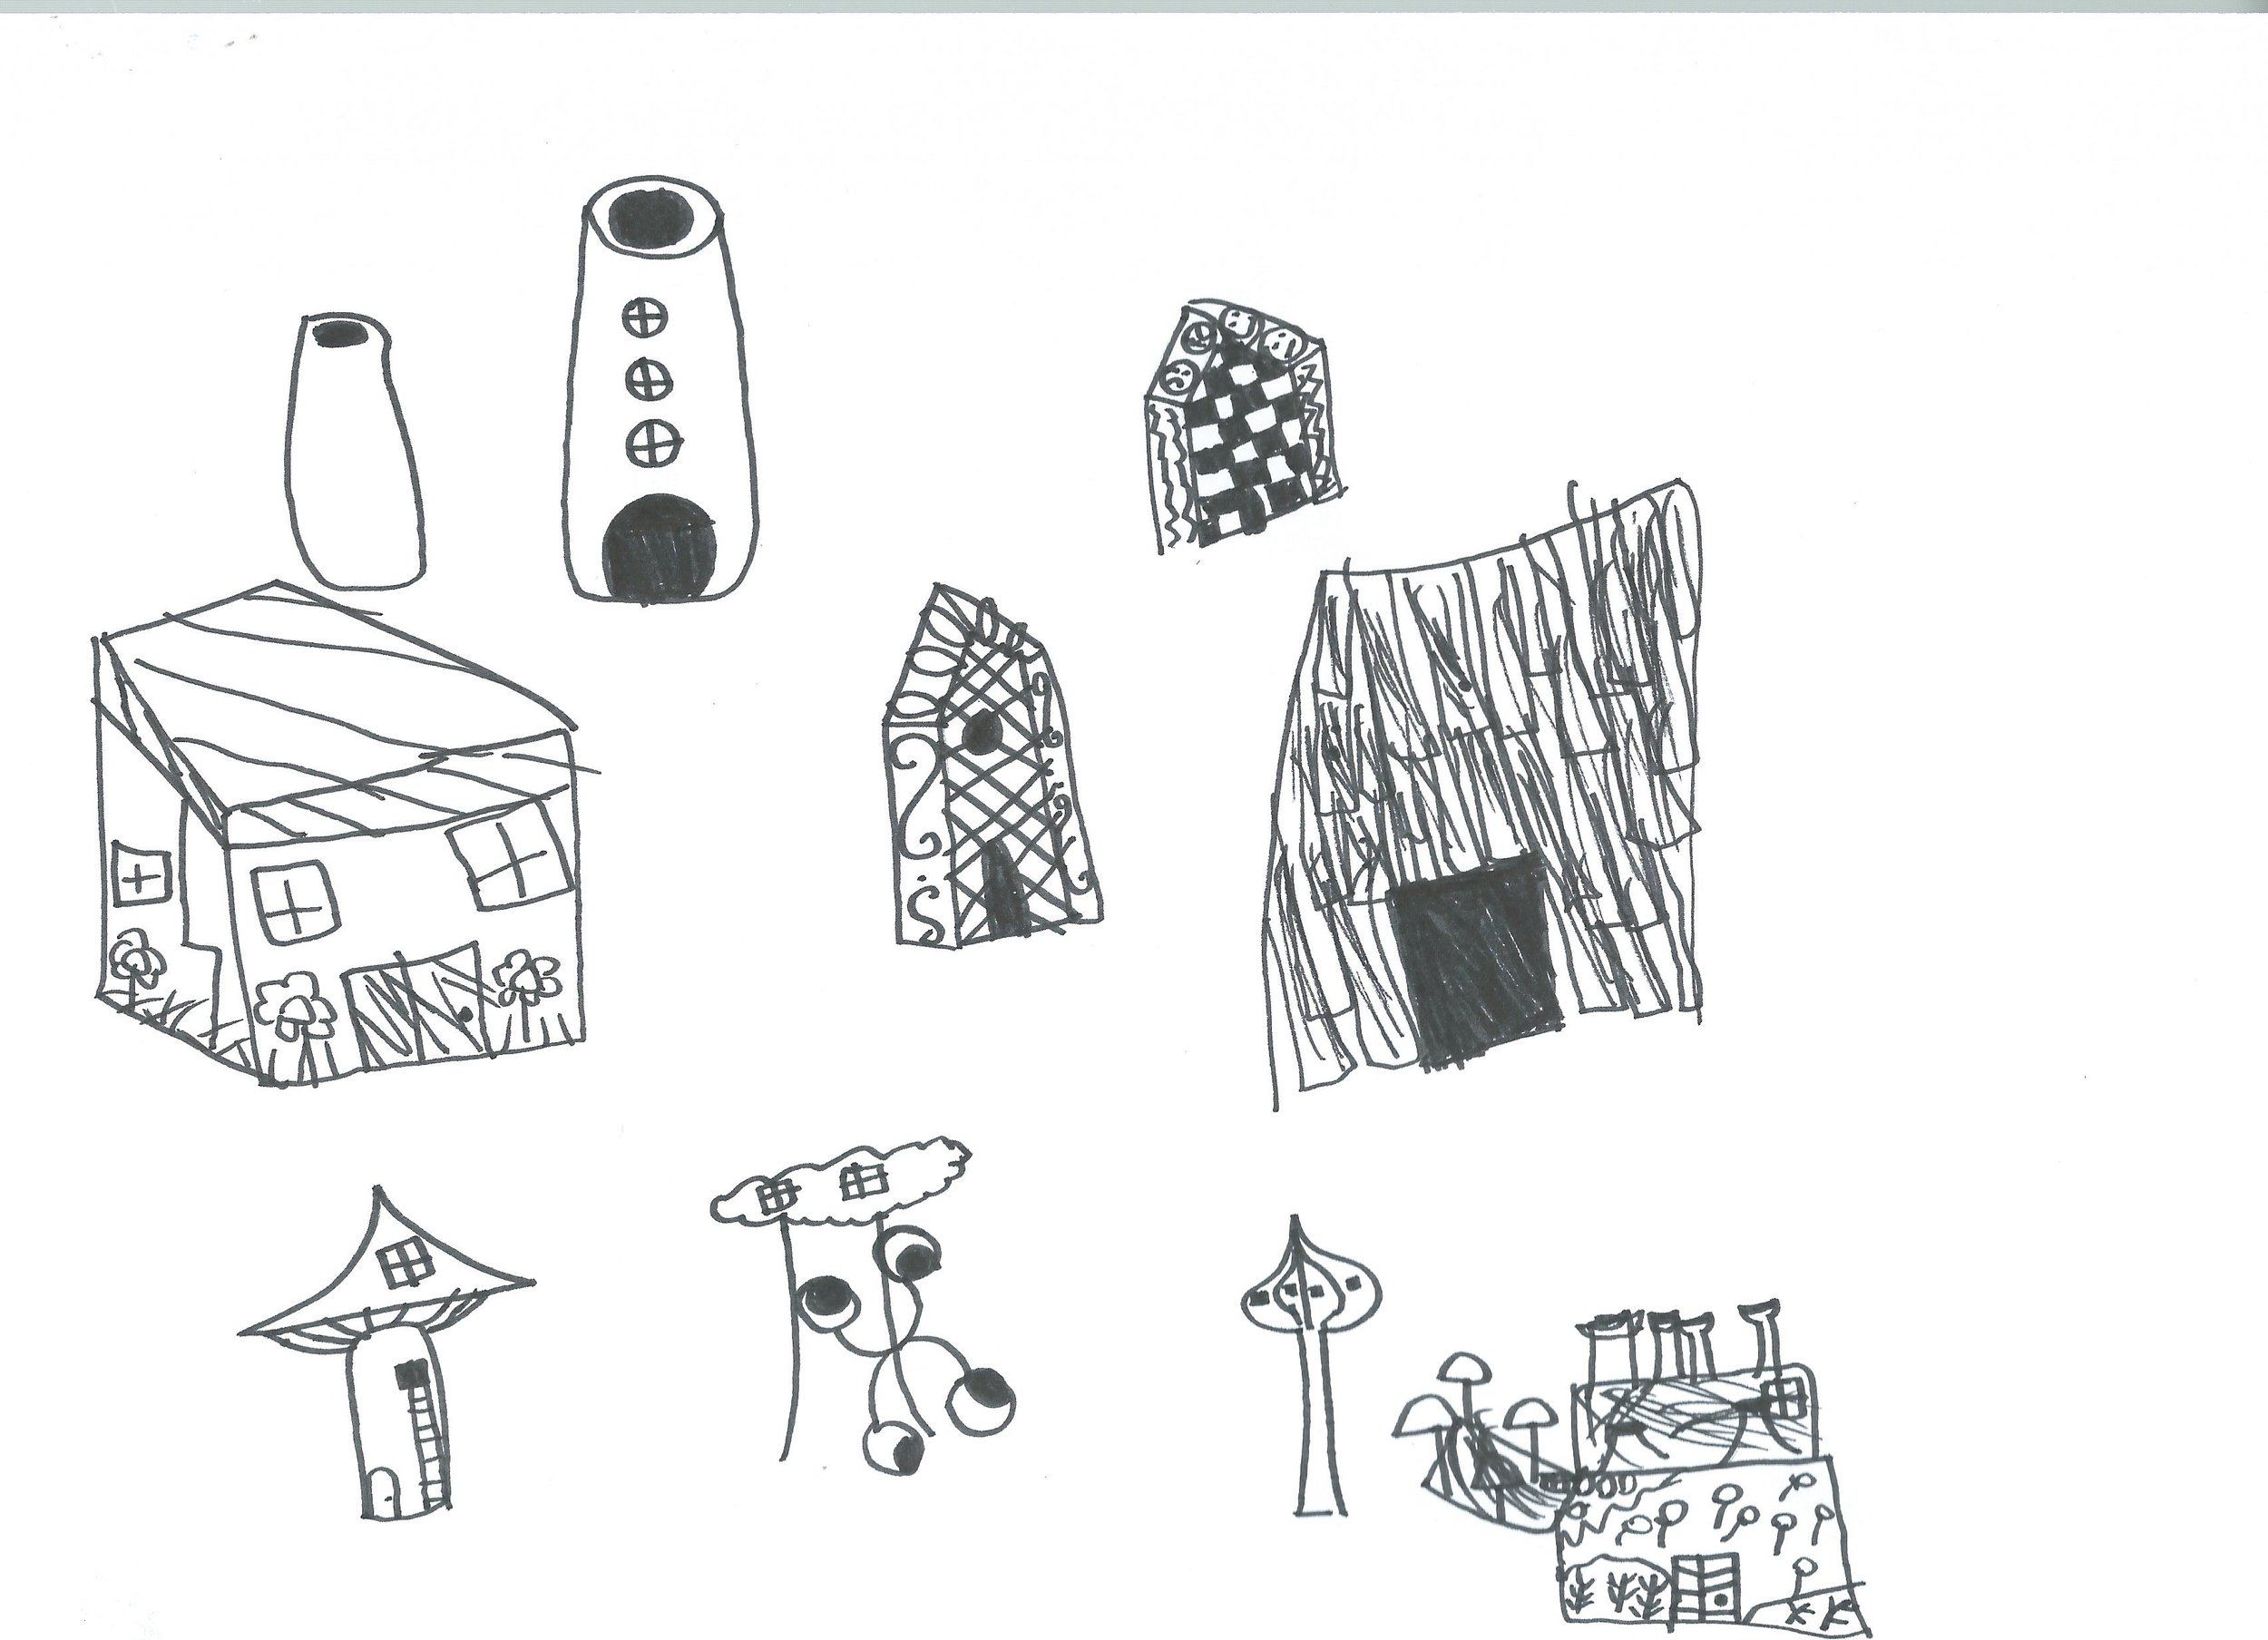 Architecture-idea-1.JPG